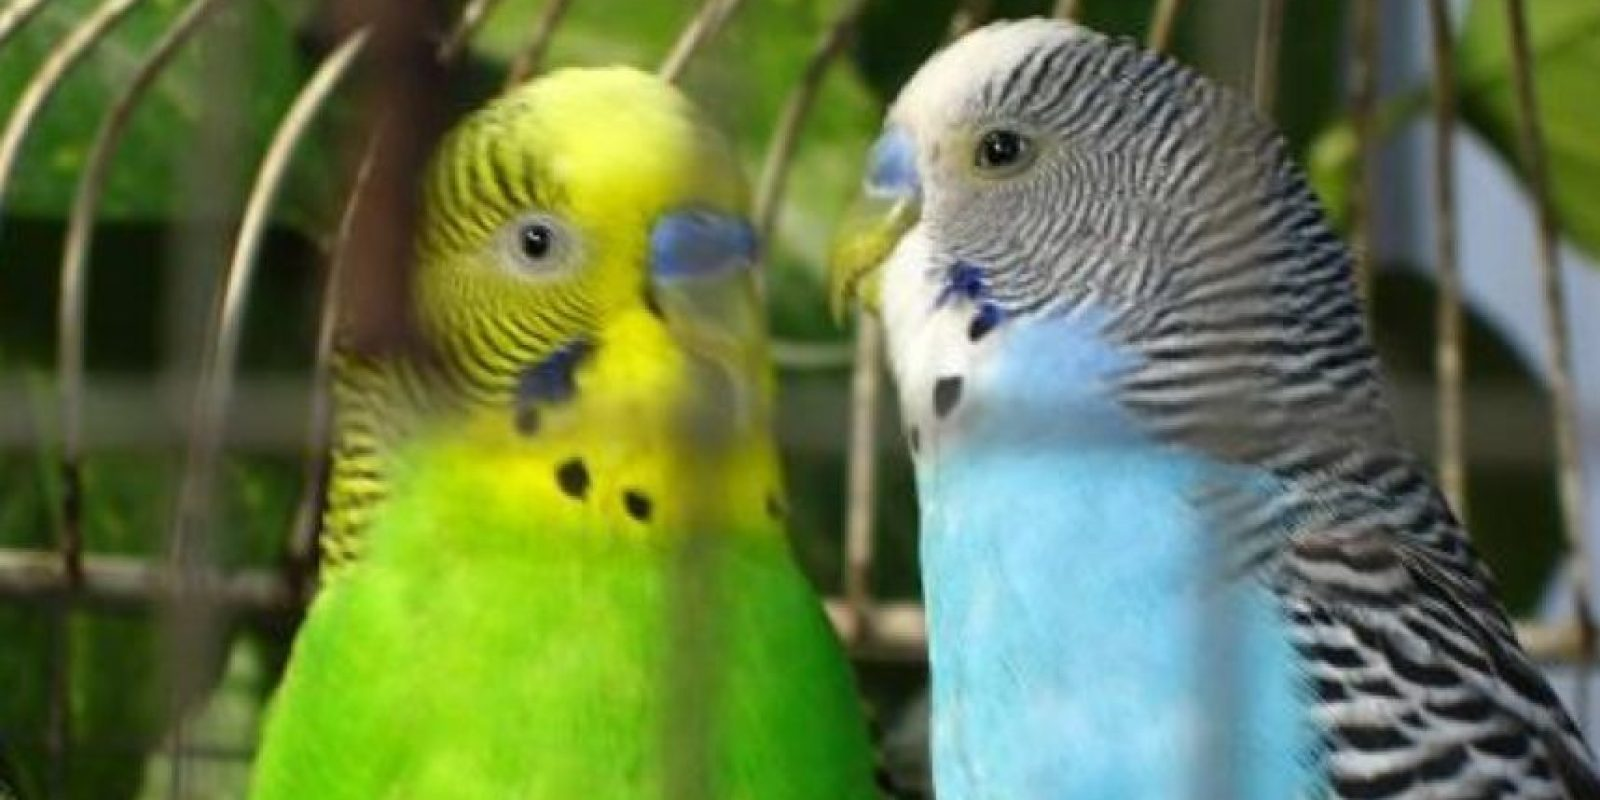 """Son aves muy inteligentes. Entre las especies, cada una de ellas tiene su propio conjunto de llamadas y encontrará algunas que son muy buenas para imitar los sonidos que escuchan, repetir palabras, frases e incluso silbar, compartió el sitio especializado """"Las-Aves.com"""" Foto:Flickr"""